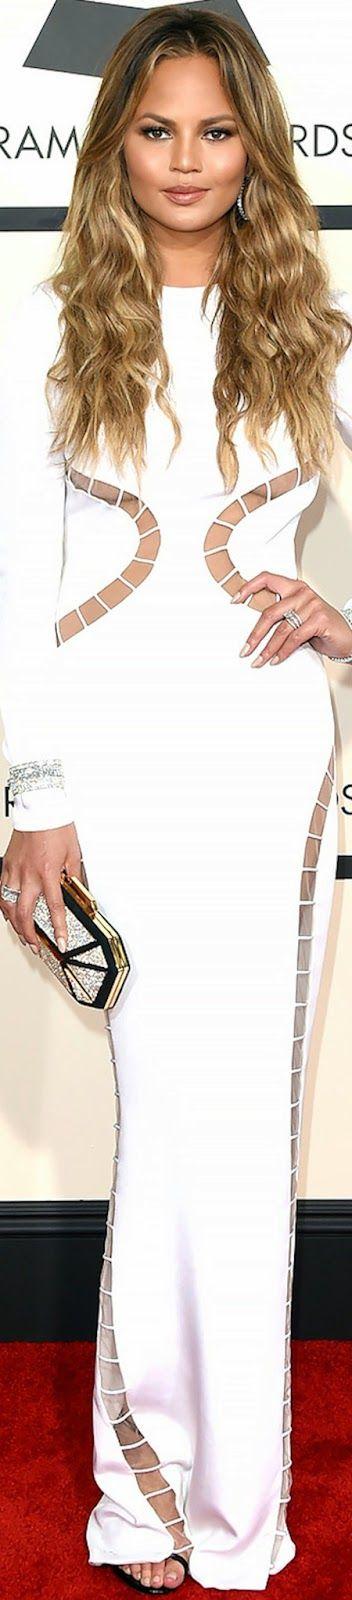 Chrissy Teigen in Emilio Pucci                       2015 Grammy Awards Red Carpet